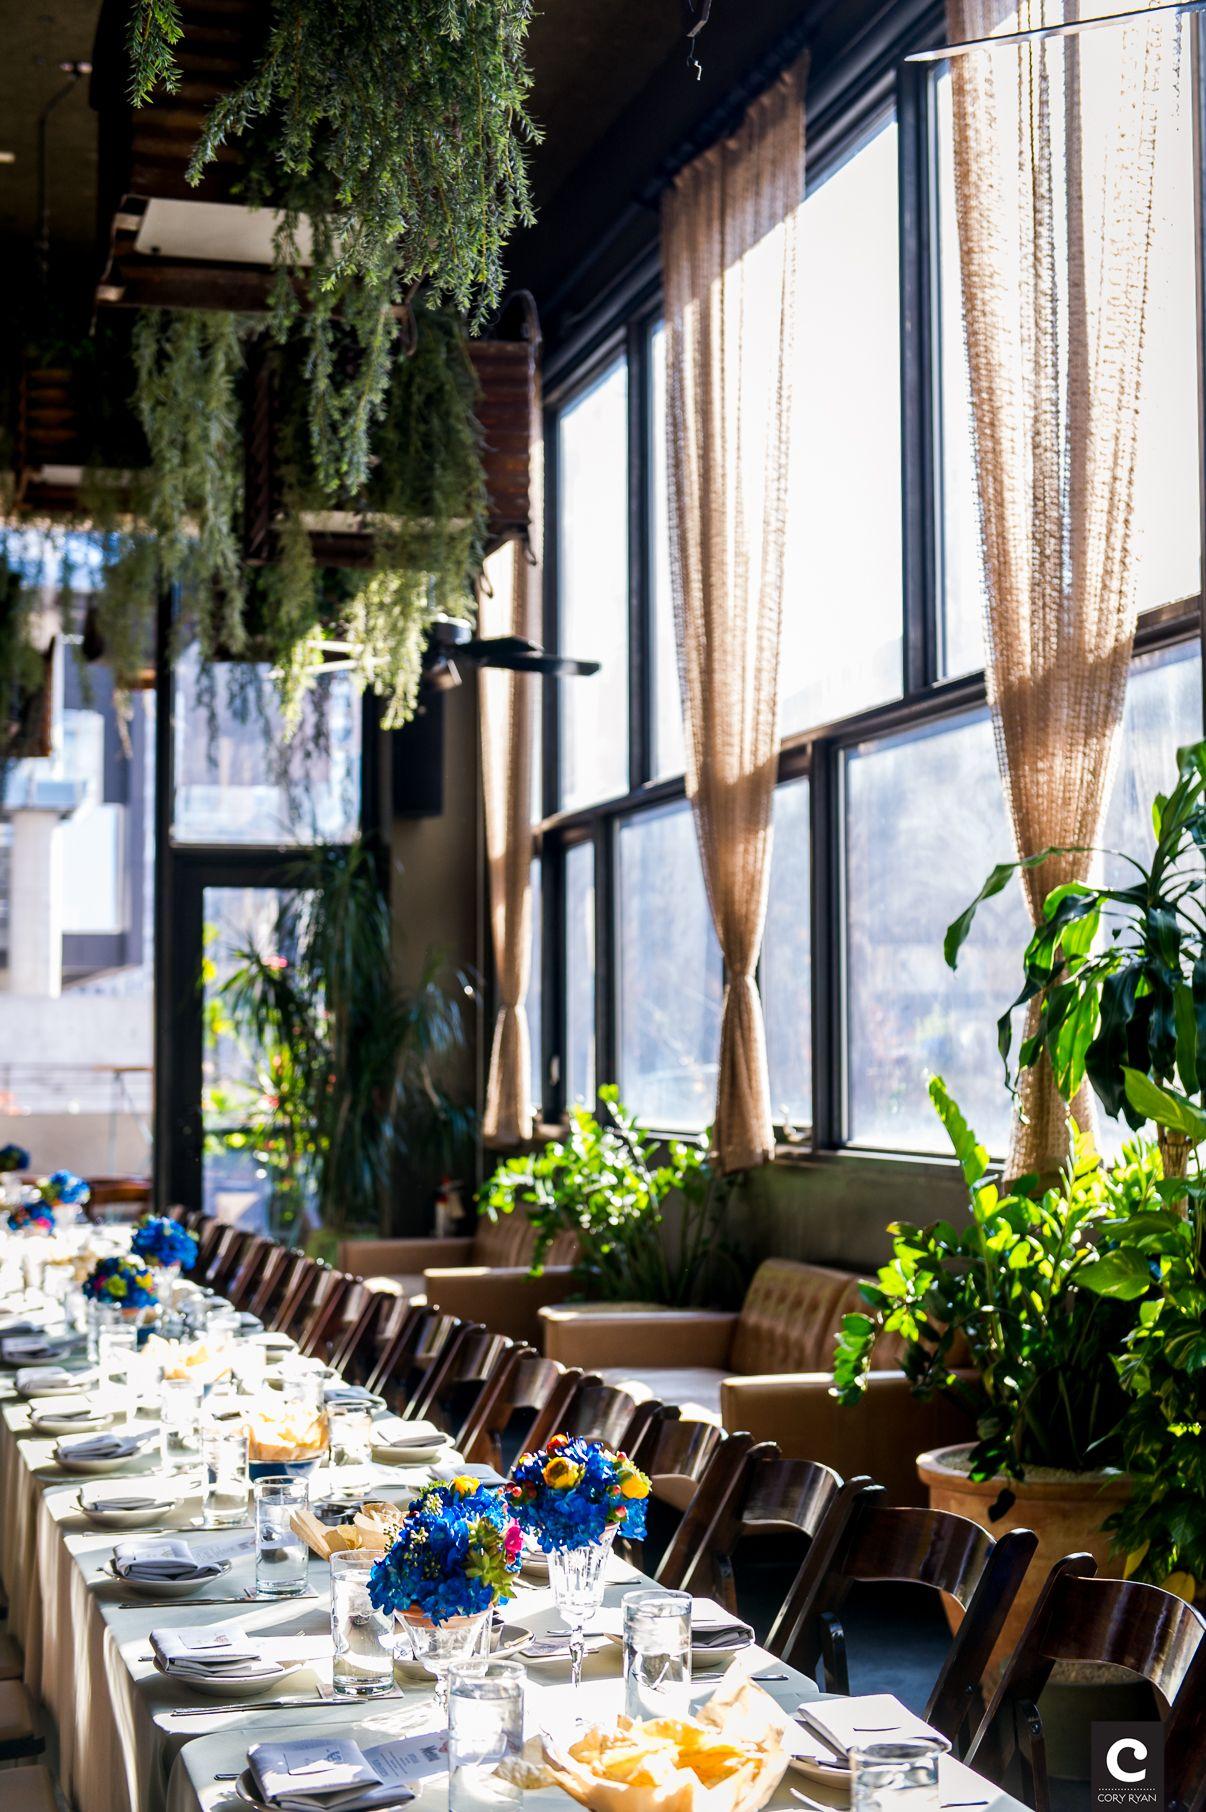 Wedding decorations venue october 2018 A spring wedding at Malverde in Austin Texas a dual indoor